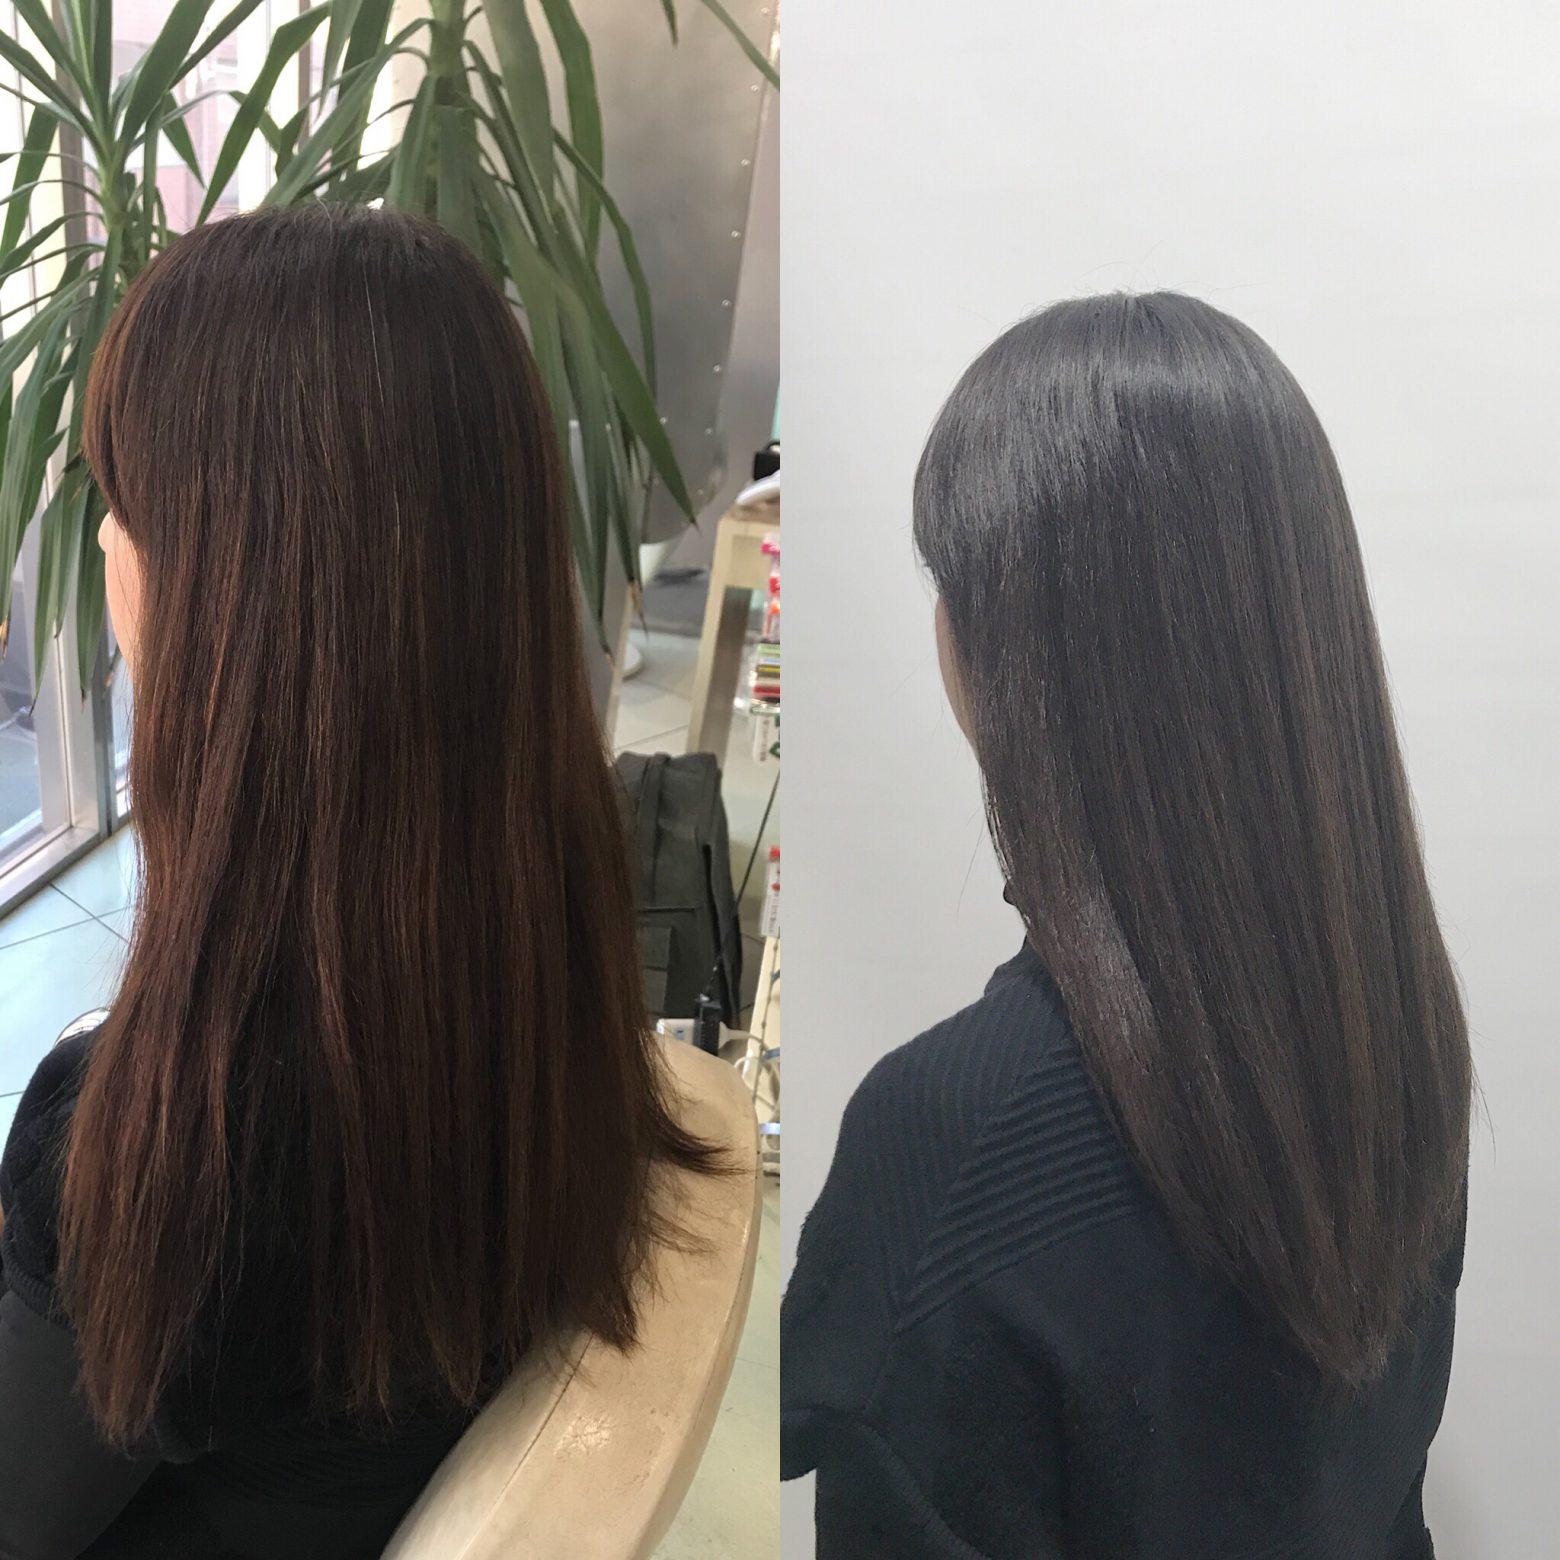 縮毛矯正+カラーをされる方のカラーメンテナンス。ここ1年でのヘアケアで髪質の変化を共感できています!